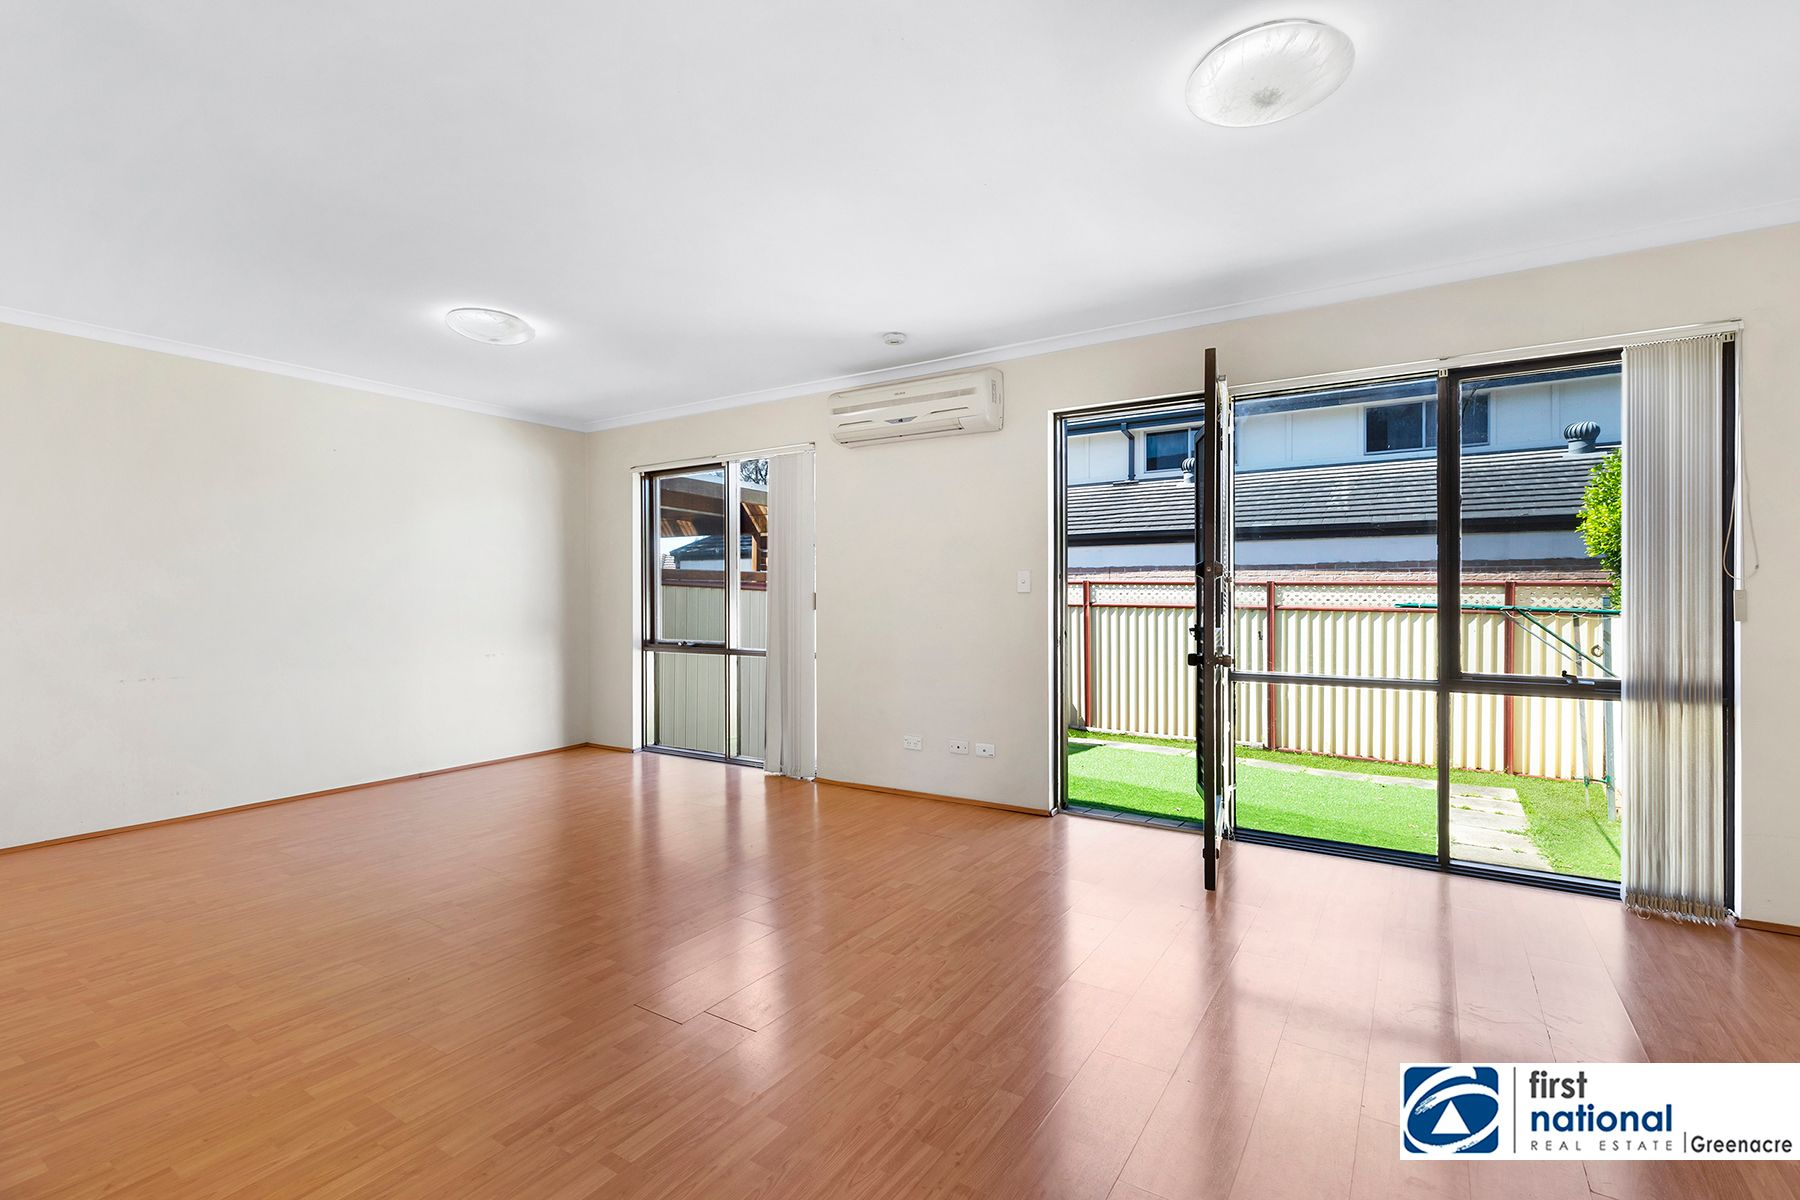 15/55- Chiswick Road, Greenacre, NSW 2190